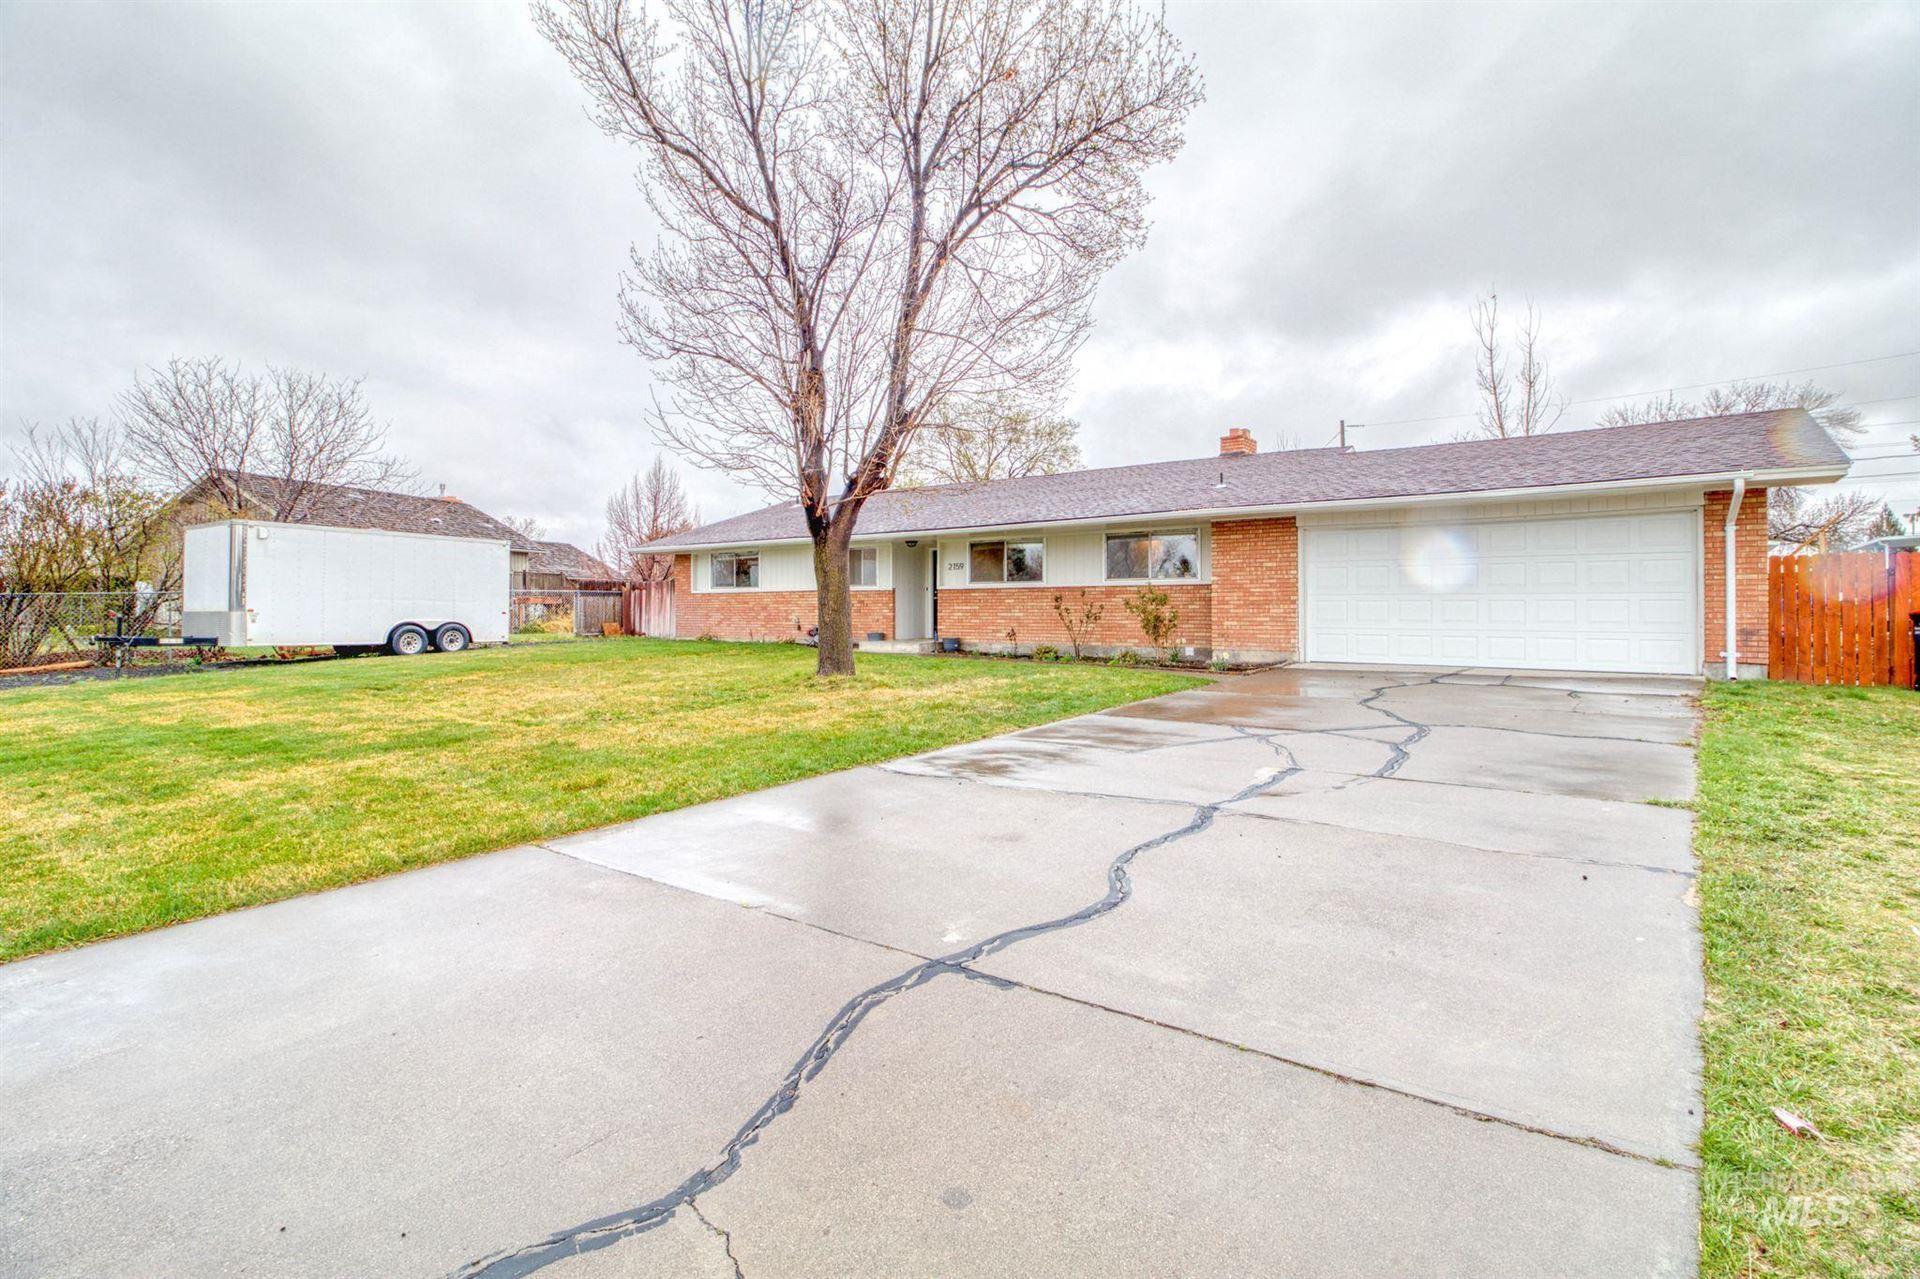 Photo of 2159 Alta Vista Circle, Twin Falls, ID 83301 (MLS # 98799700)